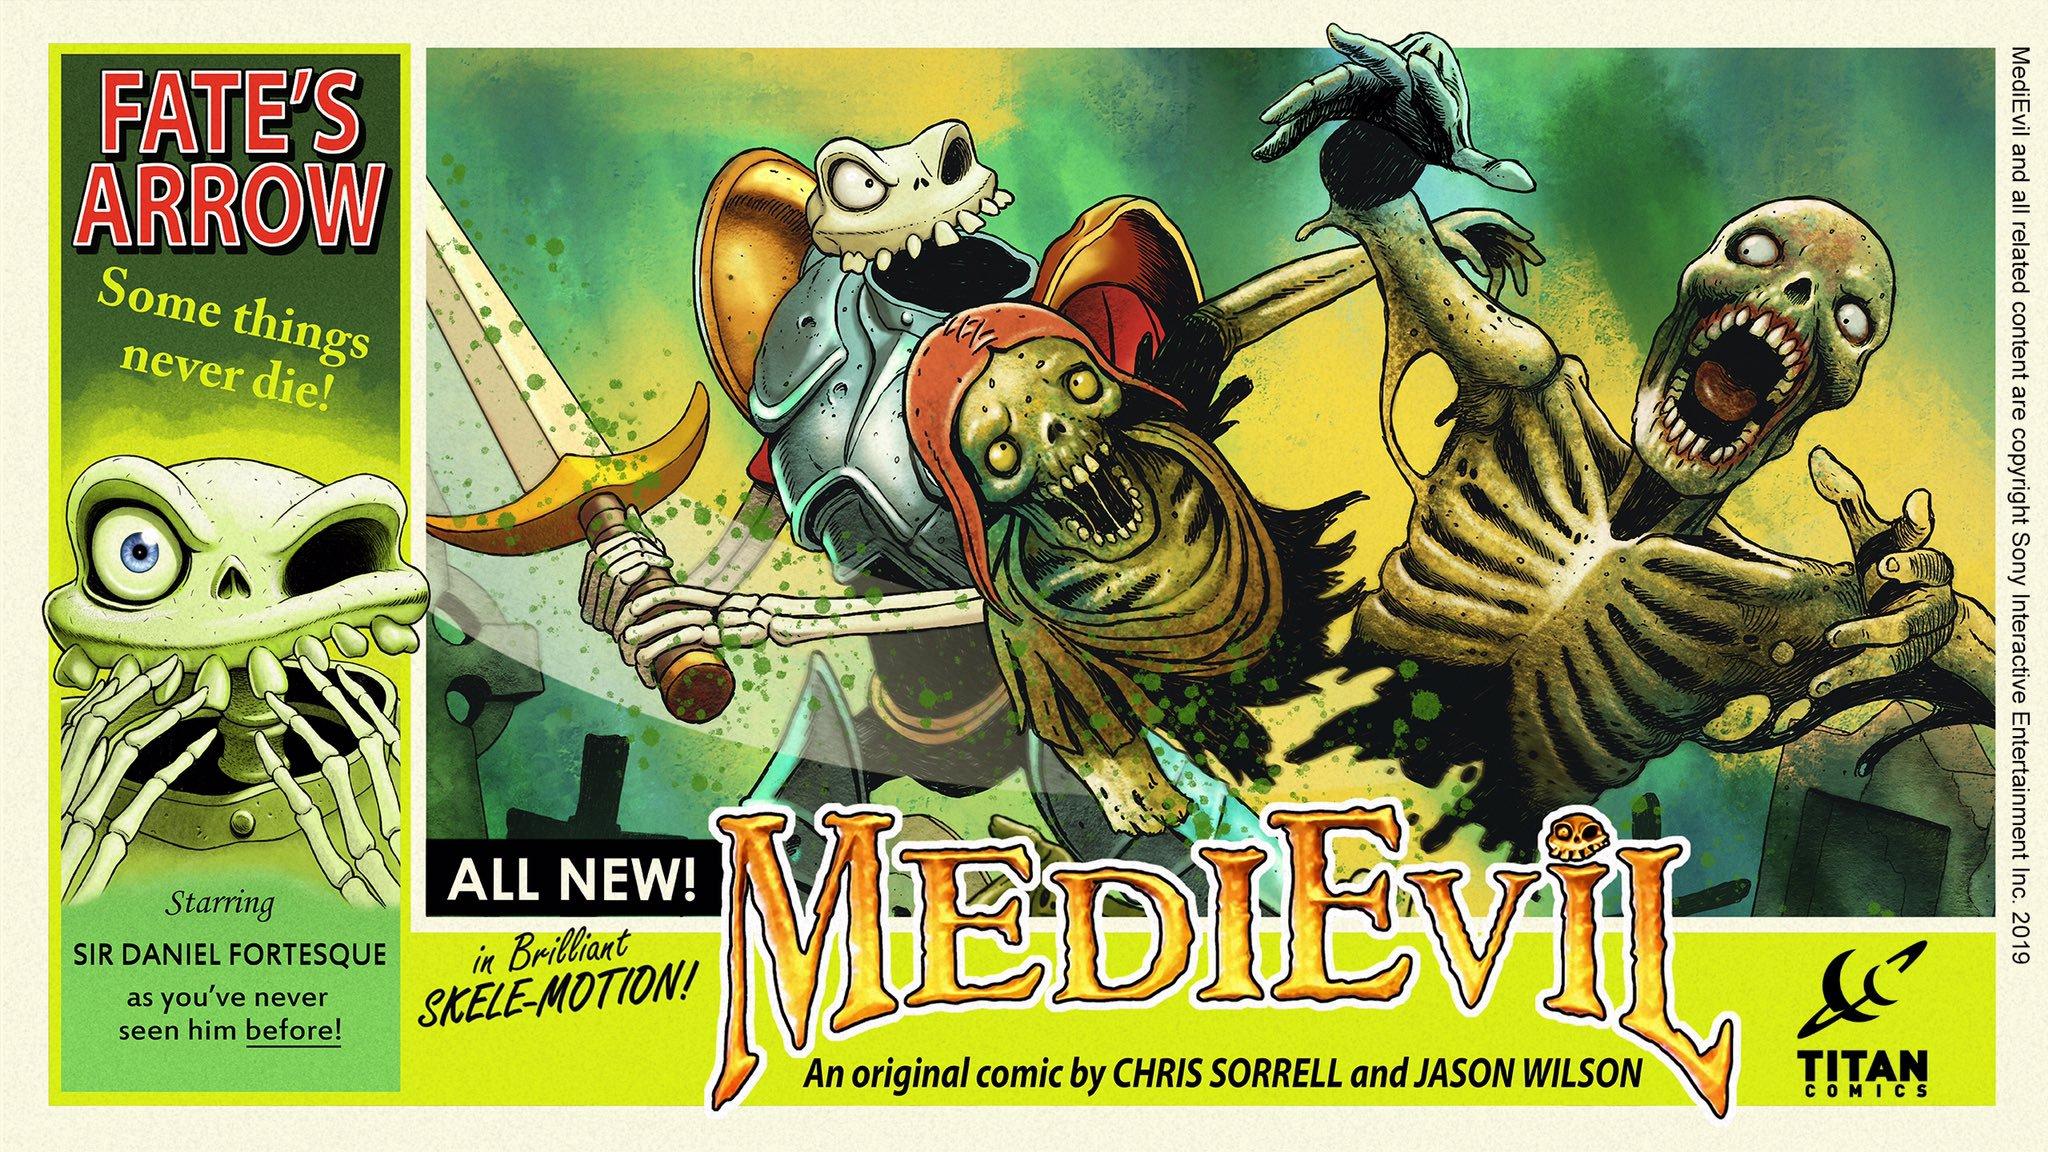 medievil komiks 3 - Niewydany MediEvil: Fate's Arrow na PS2 powróci w formie komiksu!